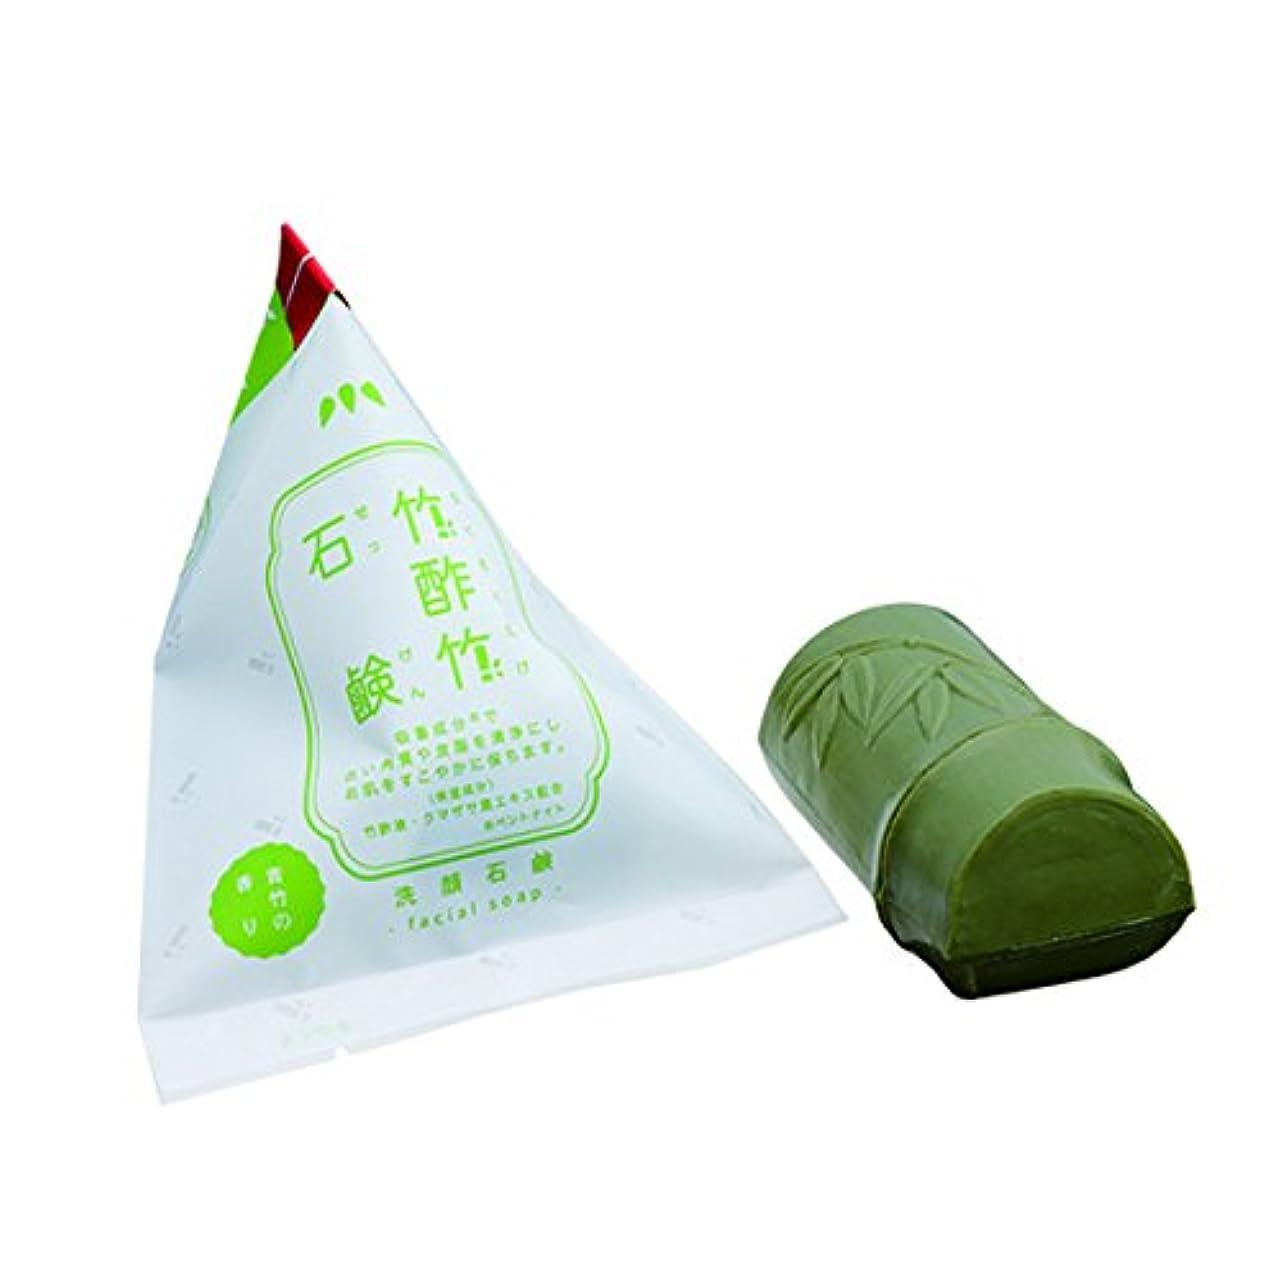 医学勤勉な馬鹿げたフェニックス 化粧石けんAB(竹酢竹石鹸)標準重量120g